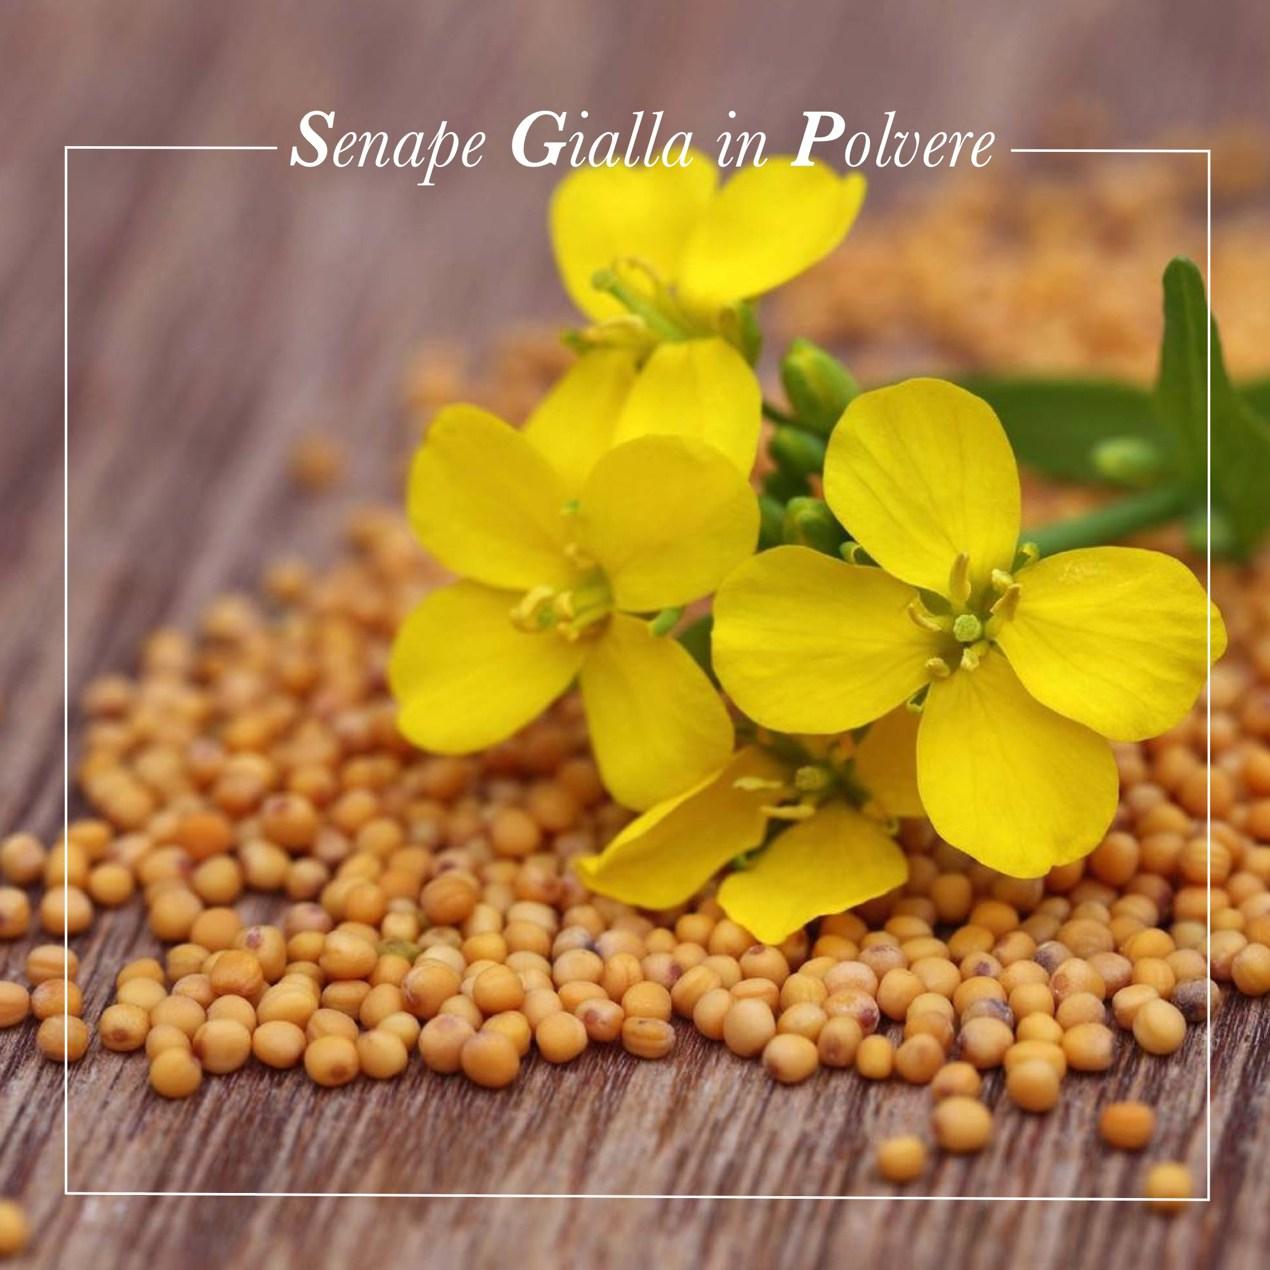 Senape gialla in grani, acquista online su FruttaWeb.com